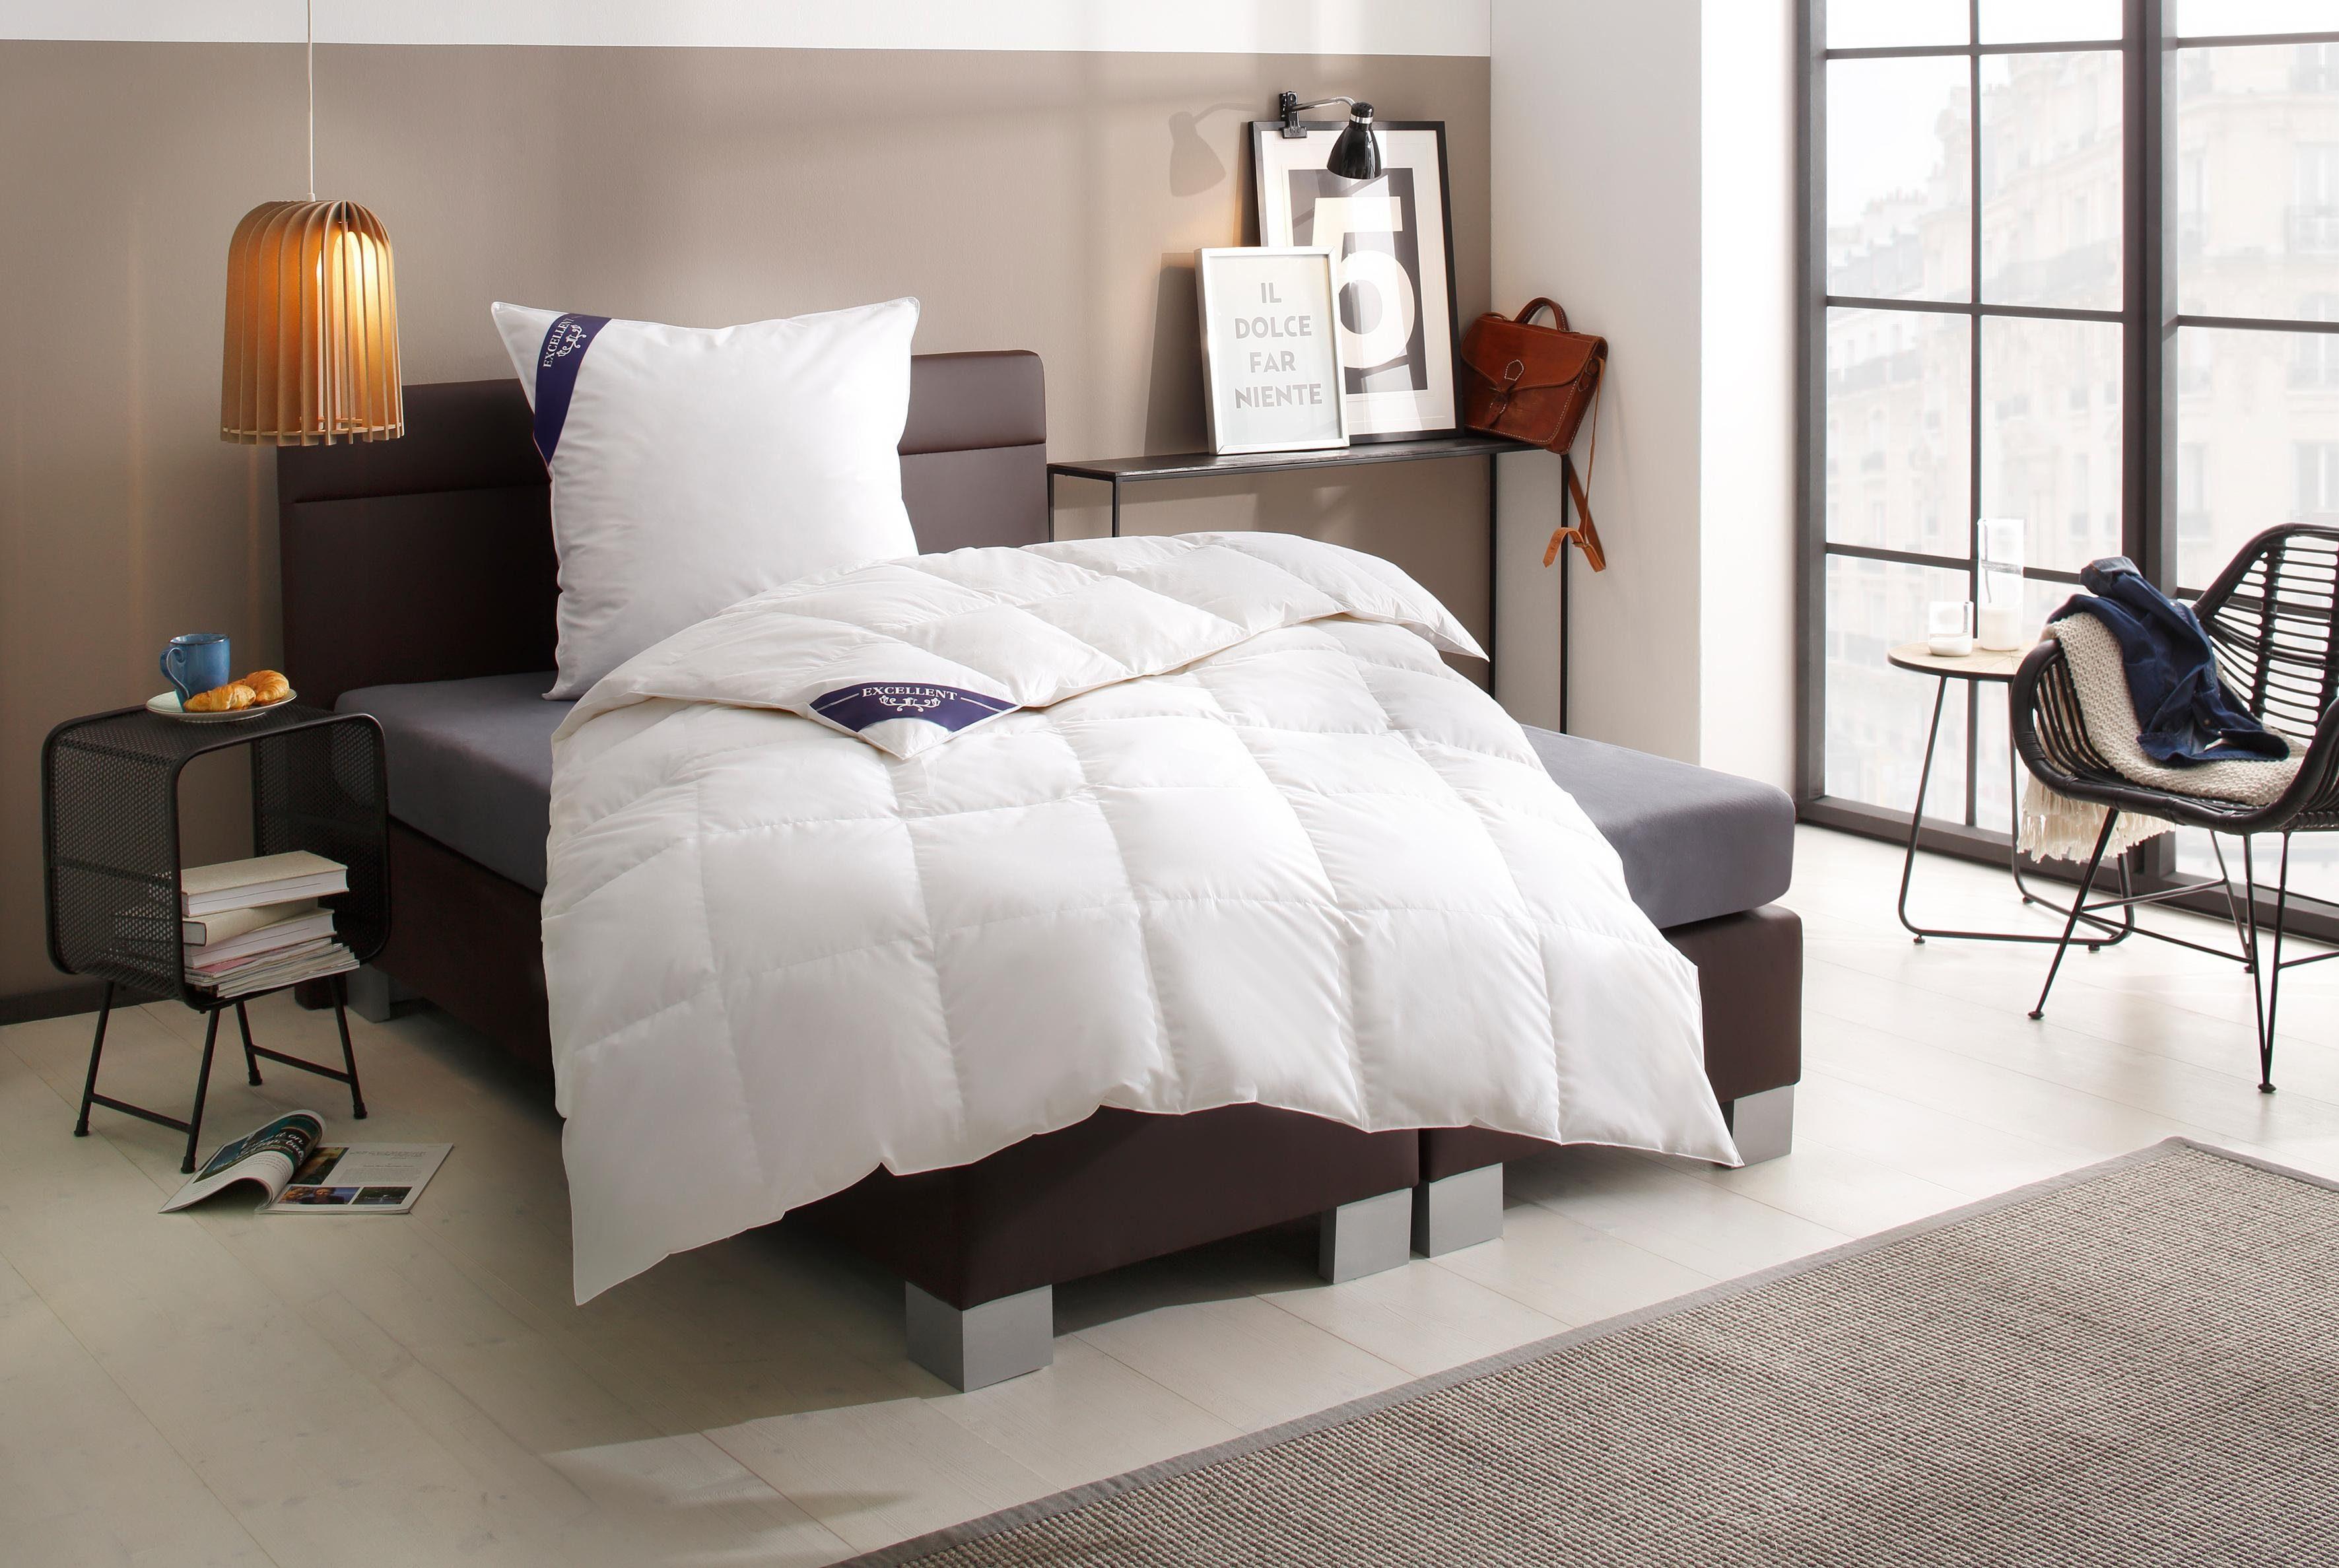 Daunenbettdecke First Class Excellent leicht Füllung: 100% Daunen Bezug: 100% Baumwolle